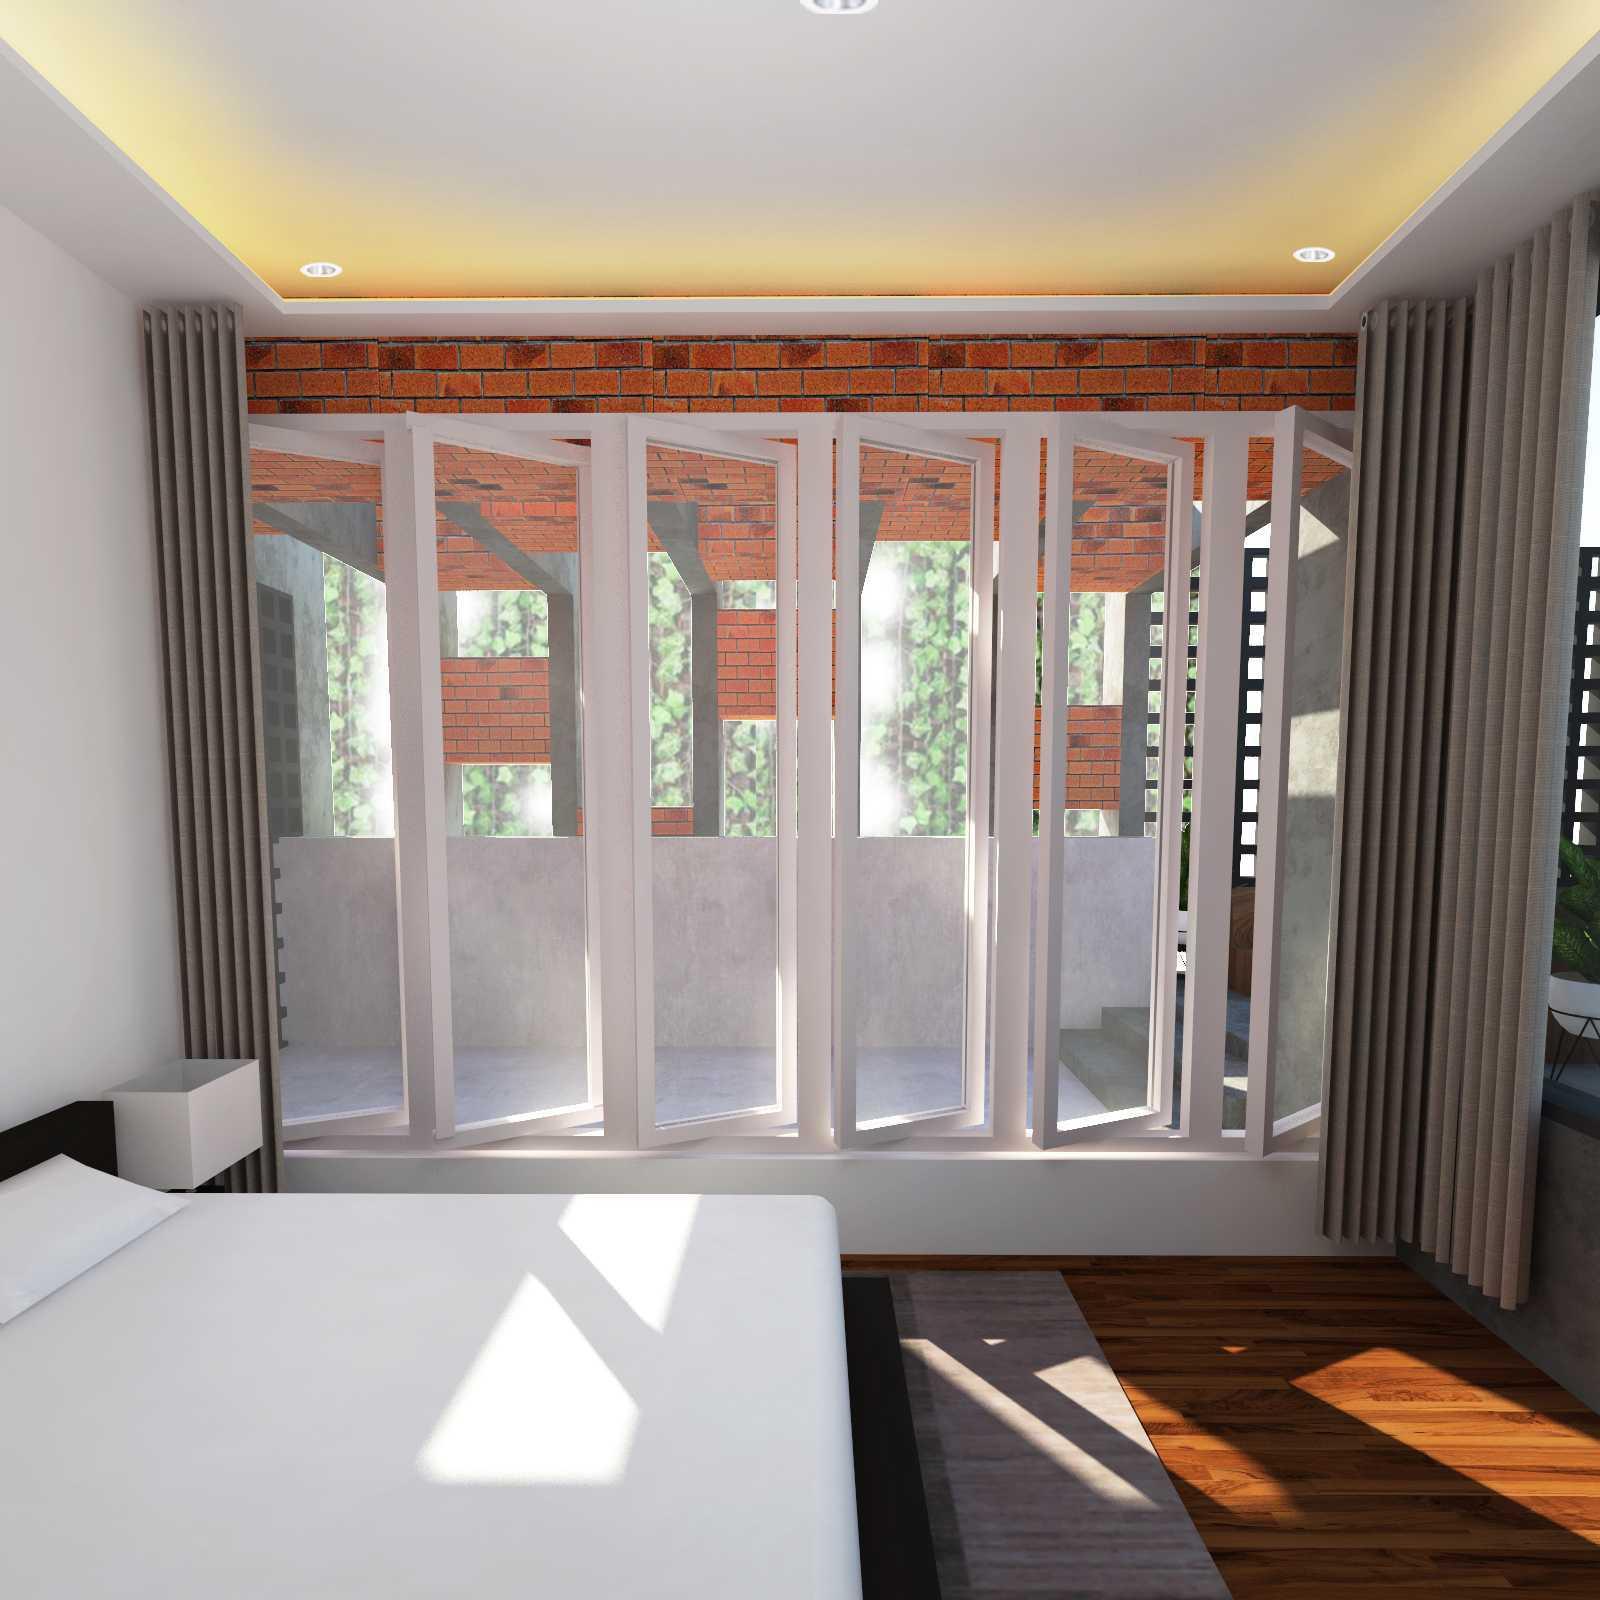 Astabumi Studio Omah Taman Singgah Tegal Tegal, Kota Tegal, Jawa Tengah, Indonesia Tegal, Kota Tegal, Jawa Tengah, Indonesia Astabumi-Architect-Interior-Design-Omah-Taman-Singgah-Tegal  84110